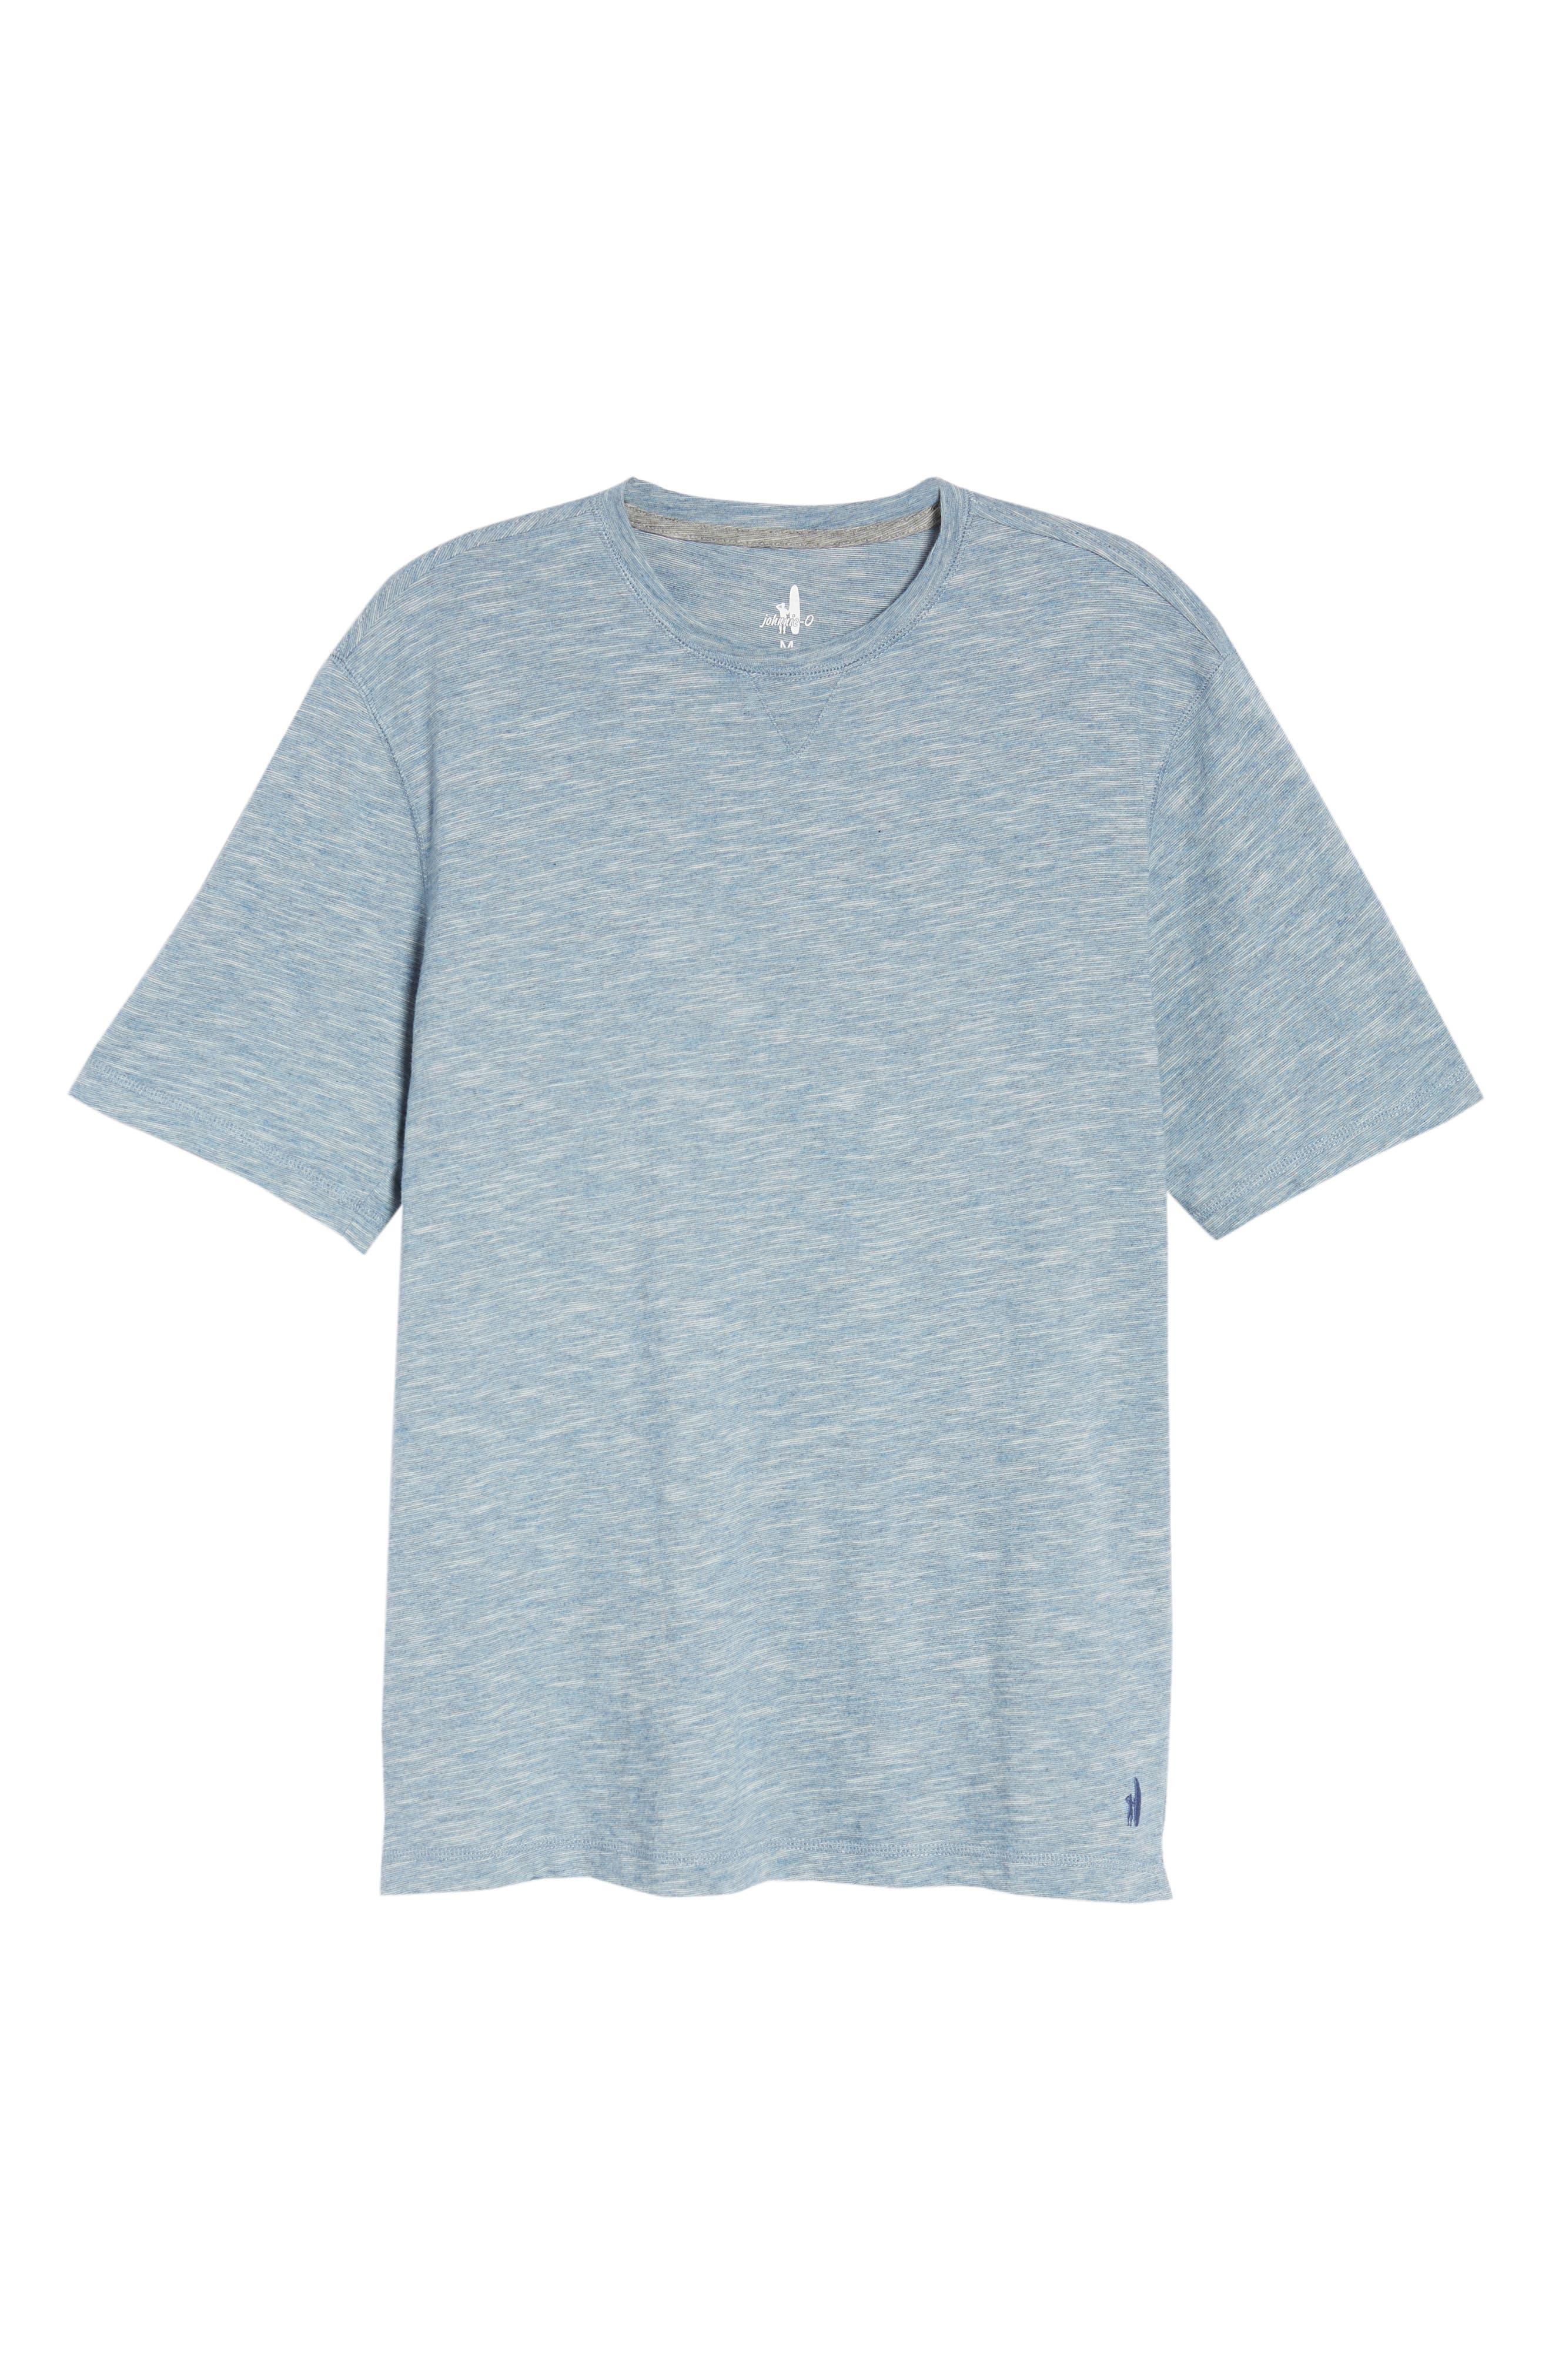 Slubbie Regular Fit Crewneck T-Shirt,                             Alternate thumbnail 6, color,                             021